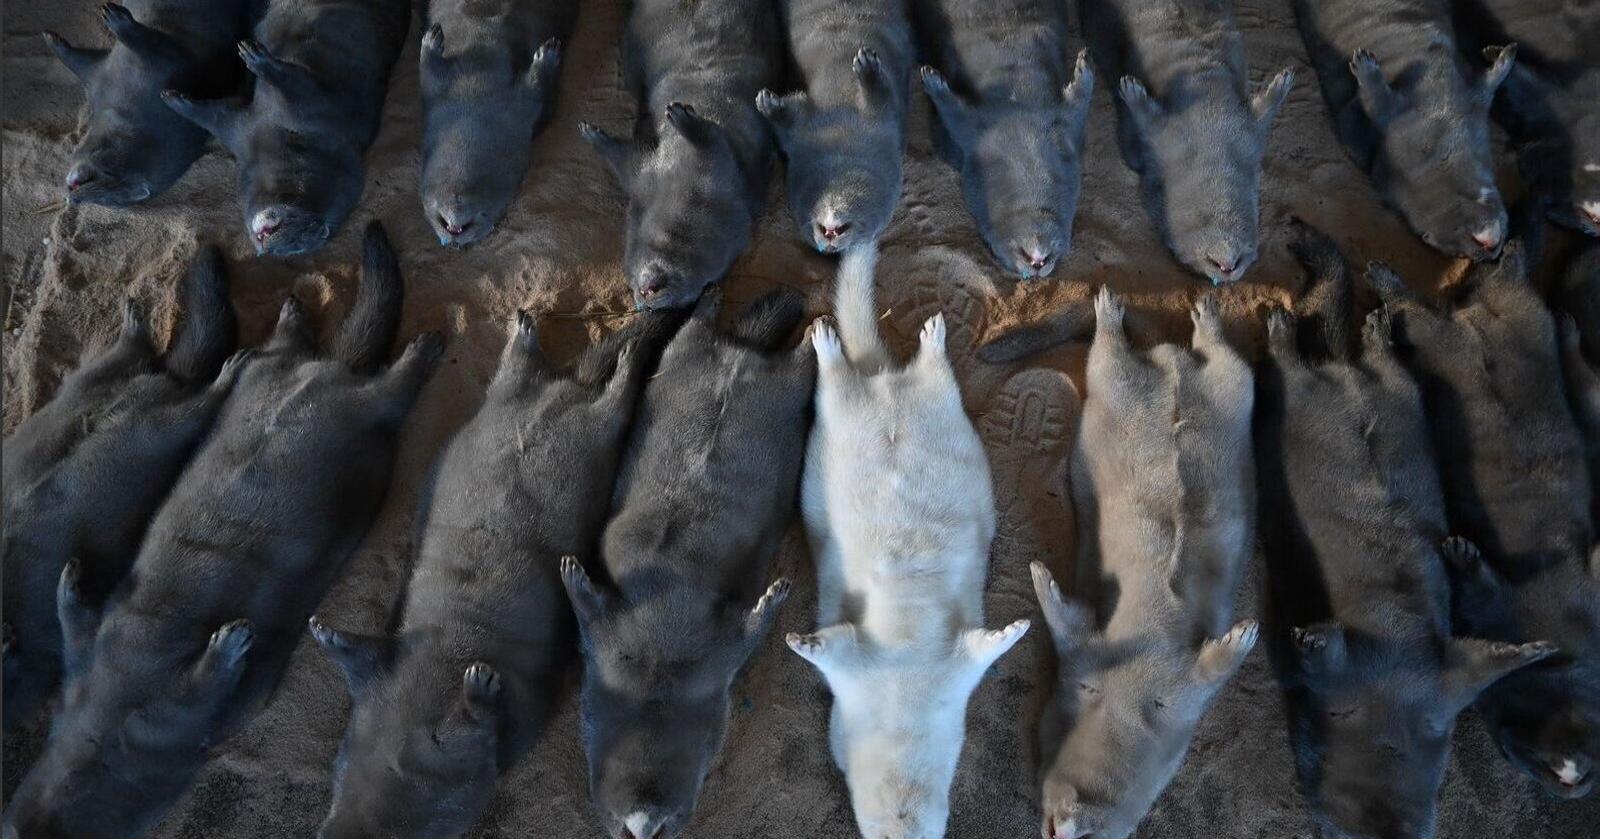 WHO avviste at mink-mutasjonen utgjorde en trussel for vaksinearbeidet. Flere andre tunge fagmiljø uttrykte også markant skepsis til dette. Allikevel ble samtlige danske mink avlivet. Bildet er tatt i Norge. Foto: Marit Glærum